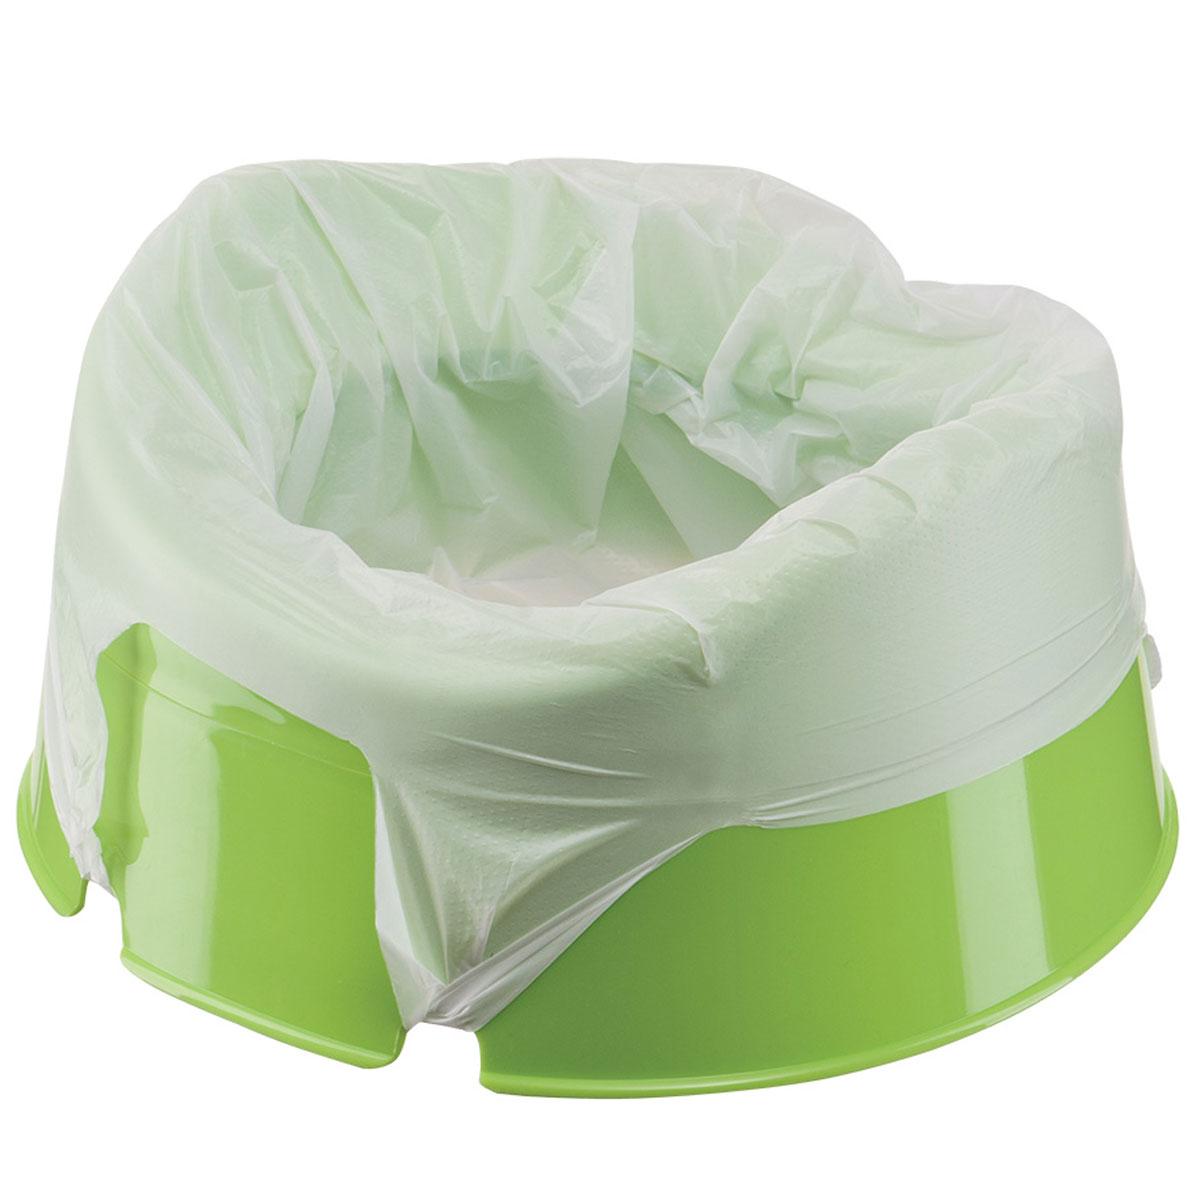 Одноразовые пакеты для детского дорожного горшка Happy Baby  Potty Liners , 30 шт -  Горшки и адаптеры для унитаза